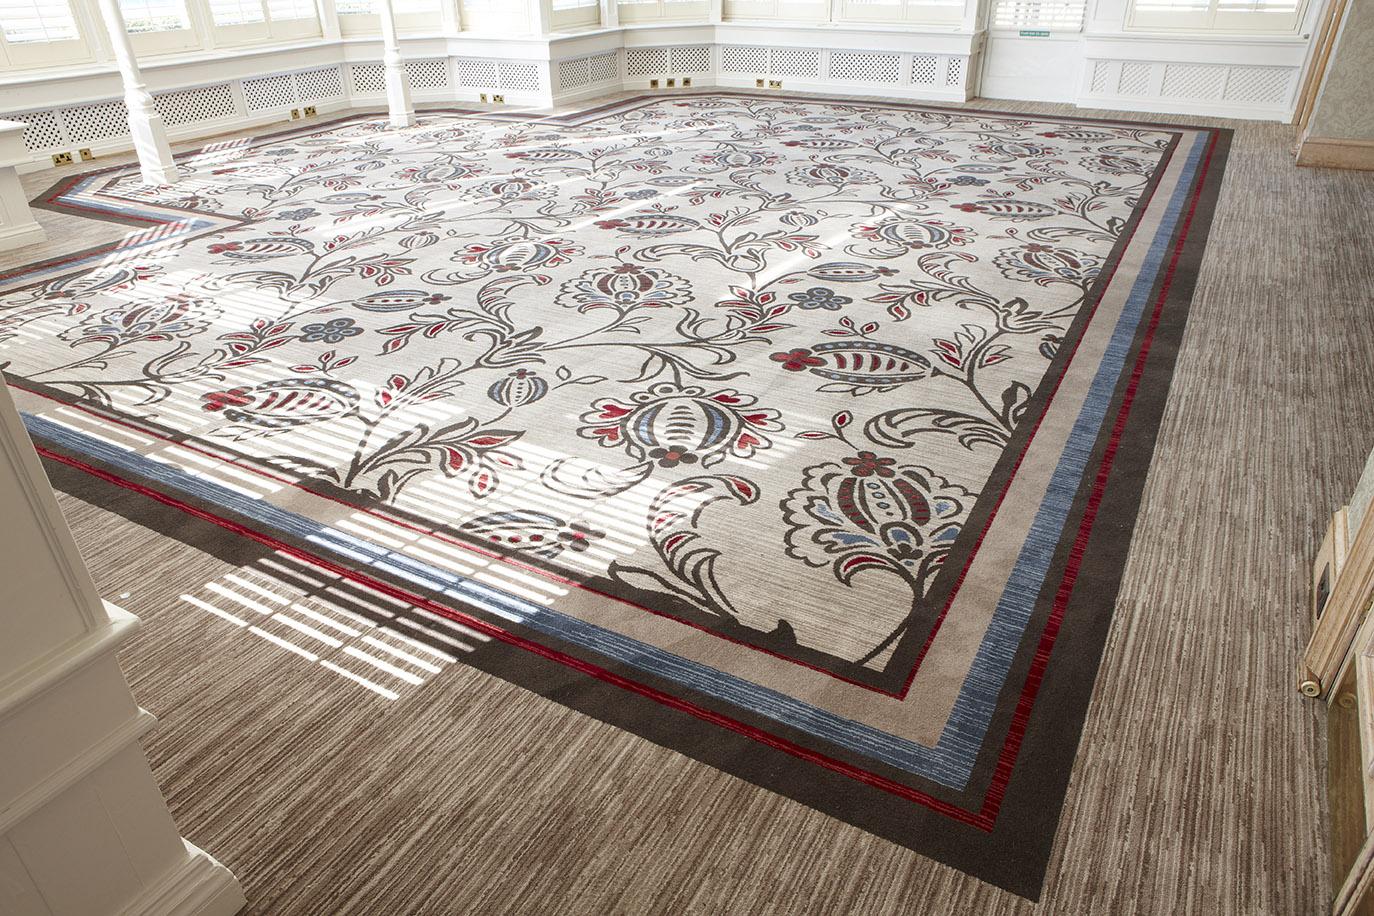 Grand Hotel Wilton Carpets